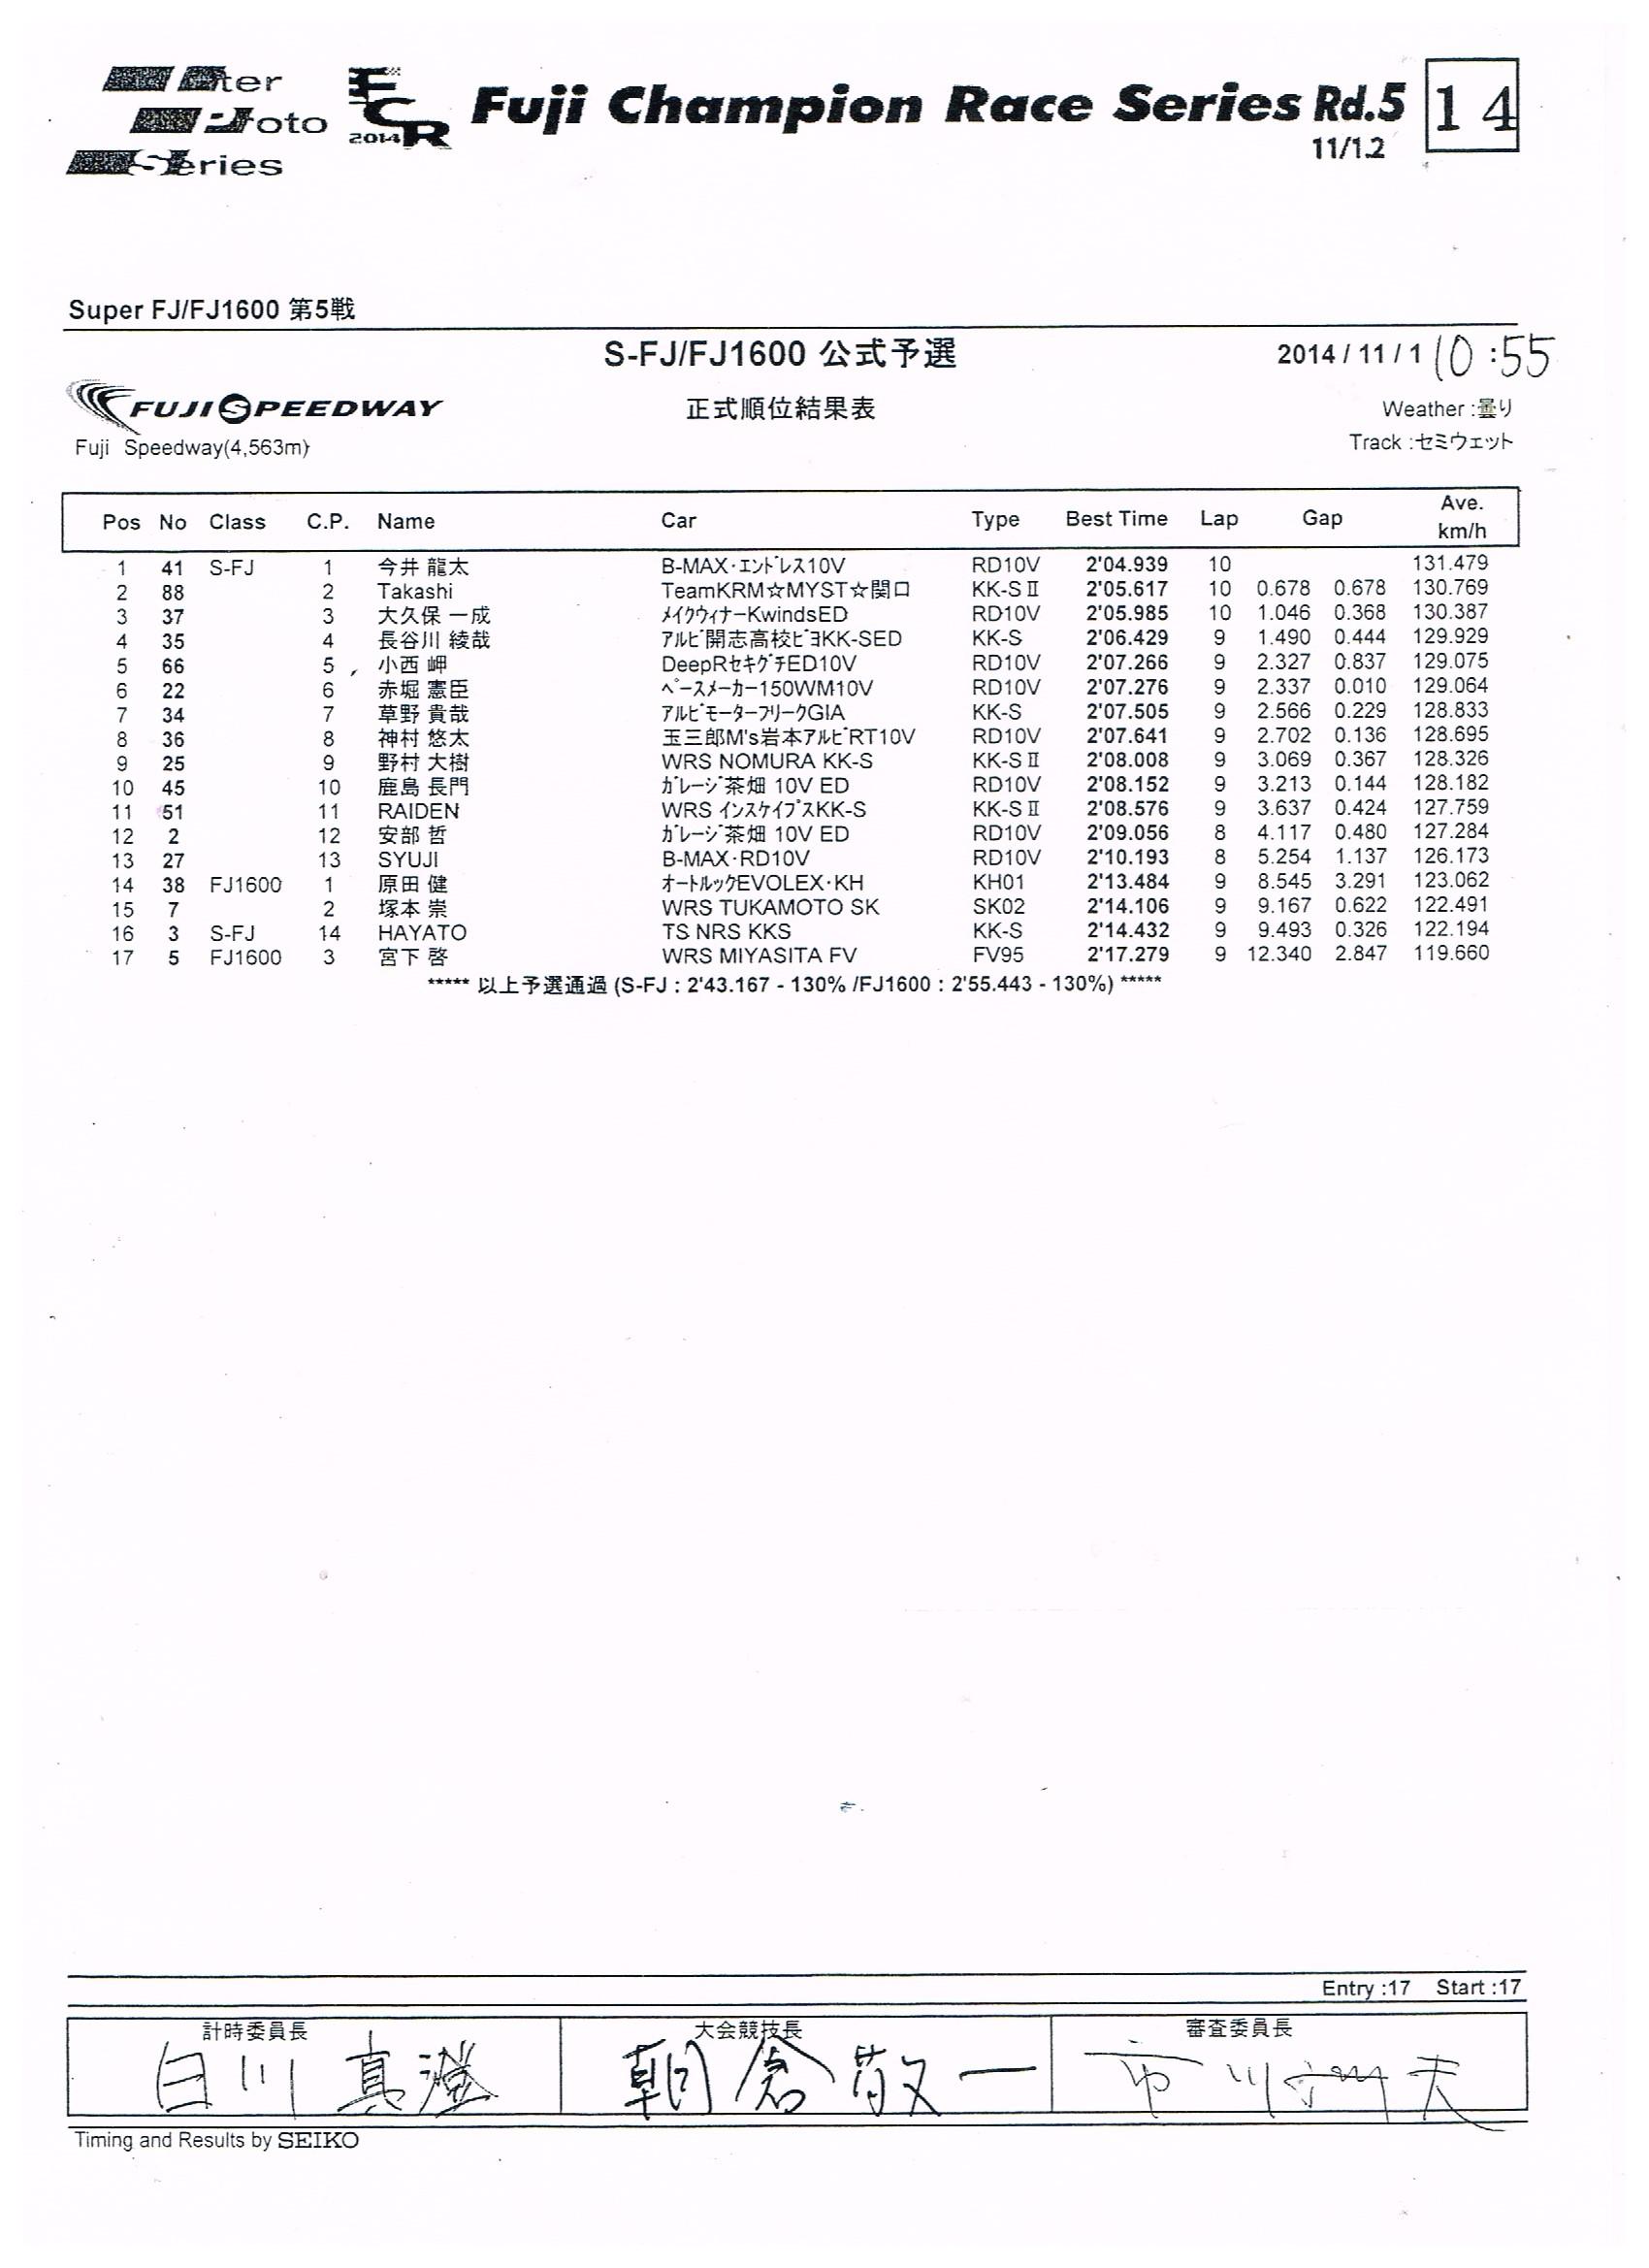 2014富士Rd.5予選リザルト